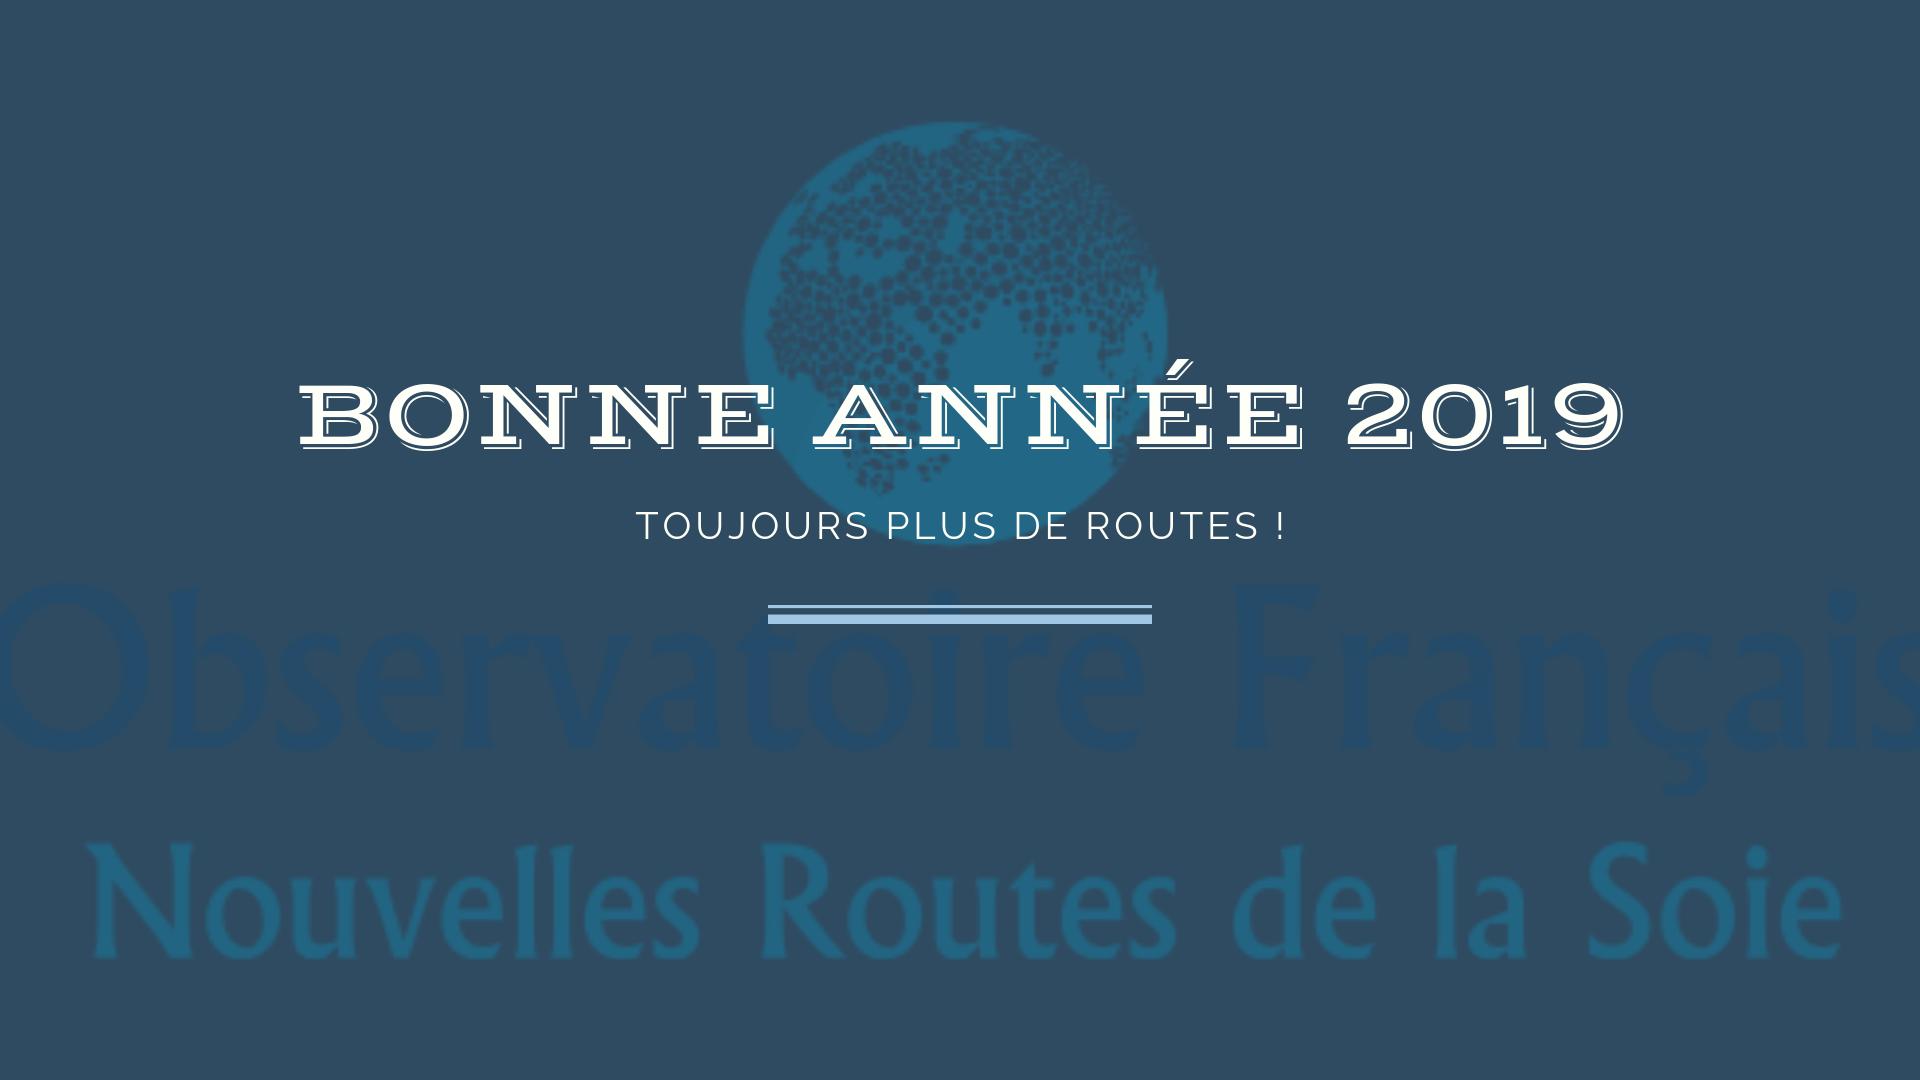 Bonne année 2019 ! Toujours plus de Routes de la Soie !